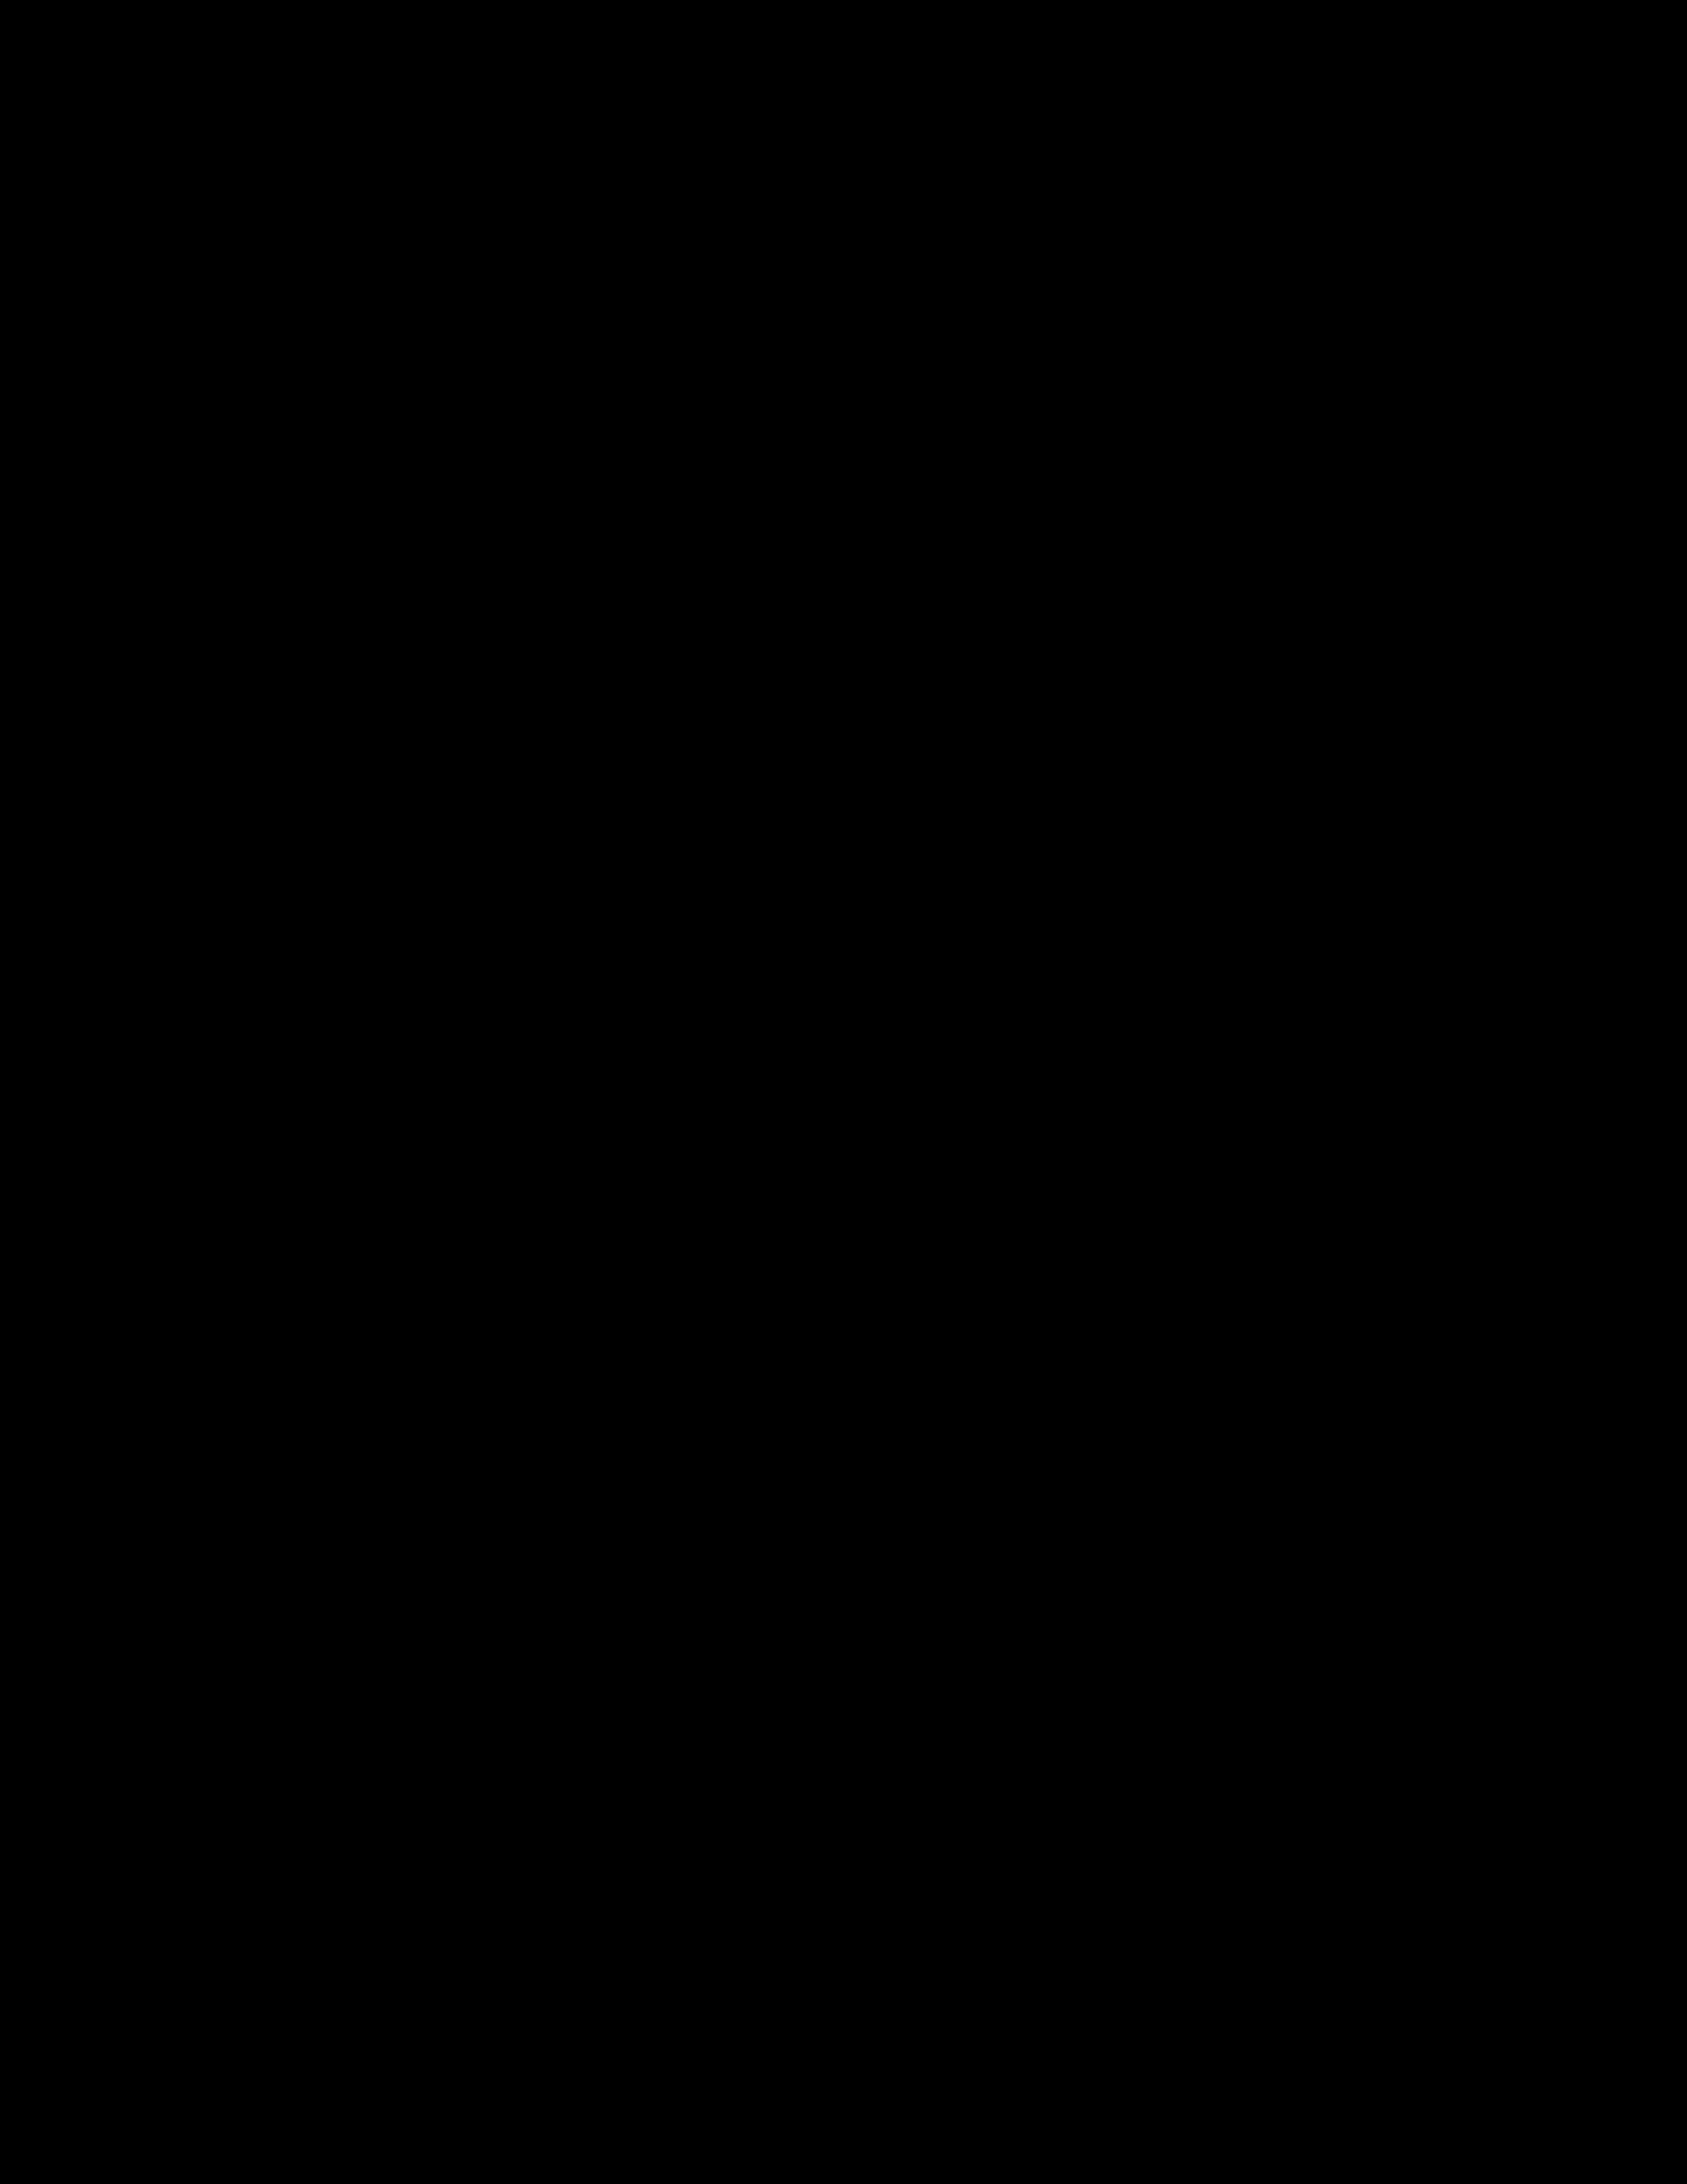 Masquerade Ball Invitation nina kagan